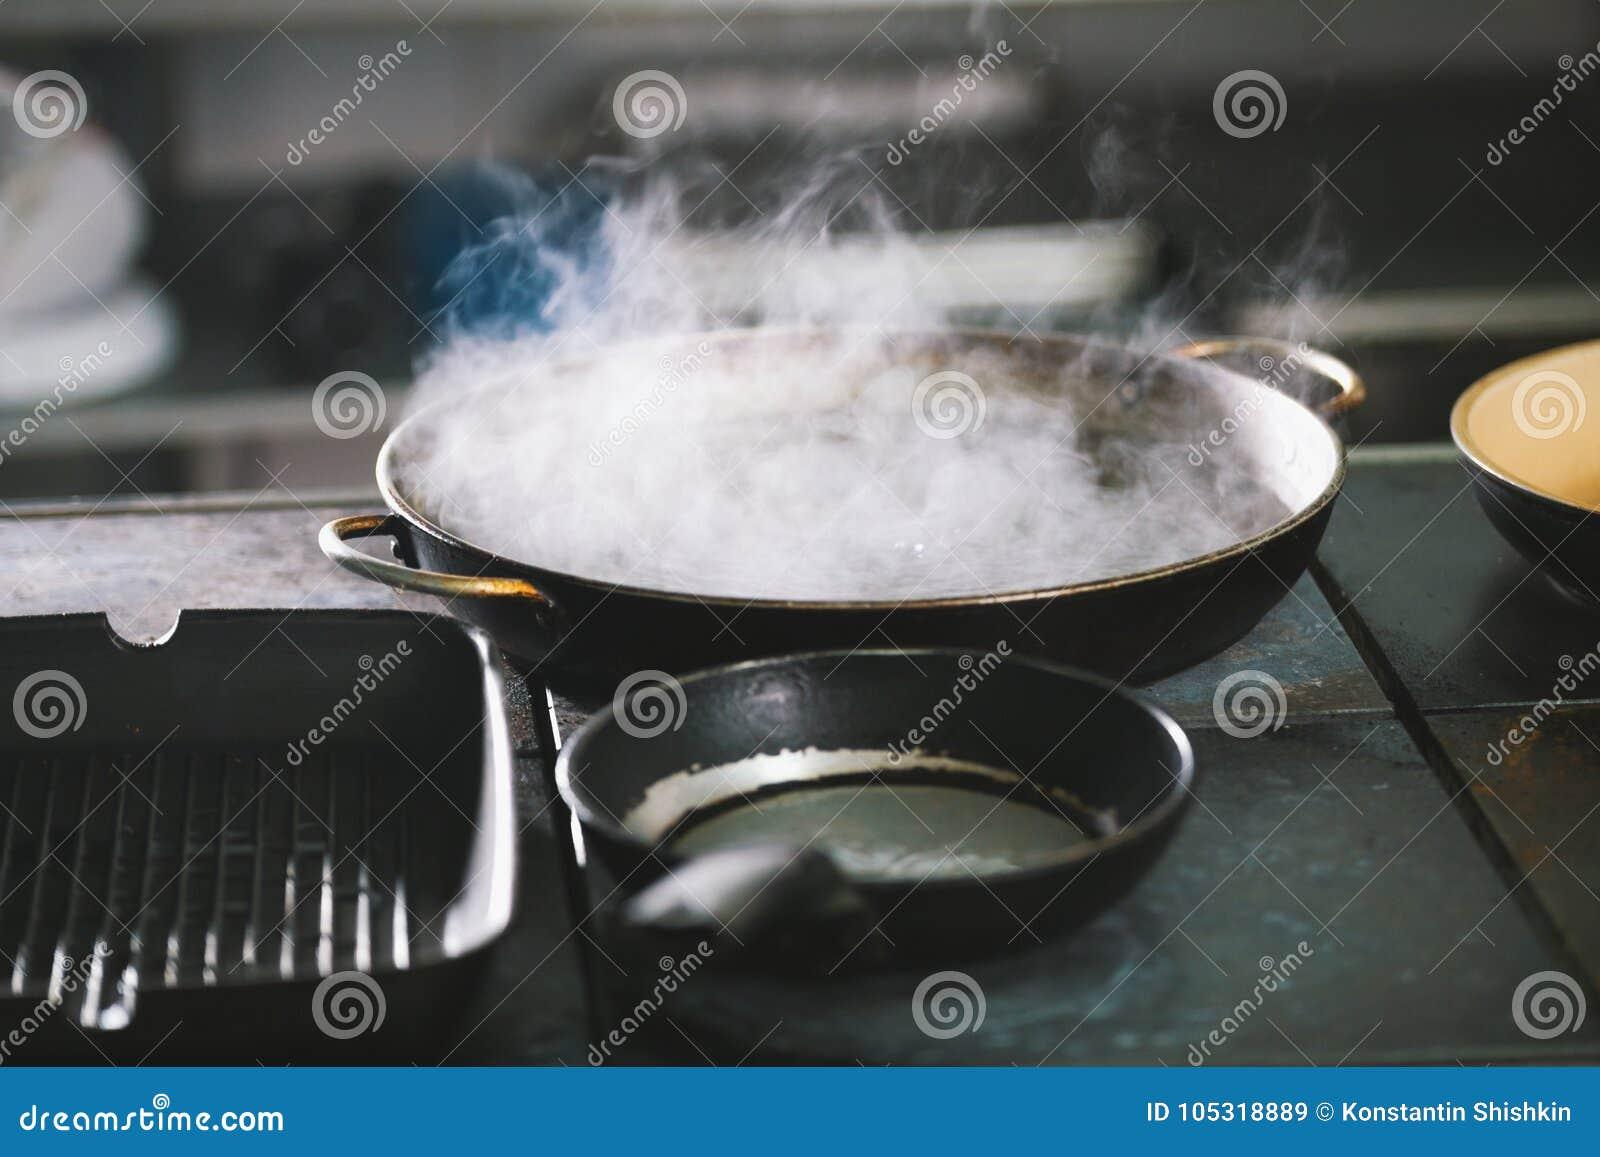 eine wanne kochendes wasser mit dampf stockbild bild von k che feinschmecker 105318889. Black Bedroom Furniture Sets. Home Design Ideas